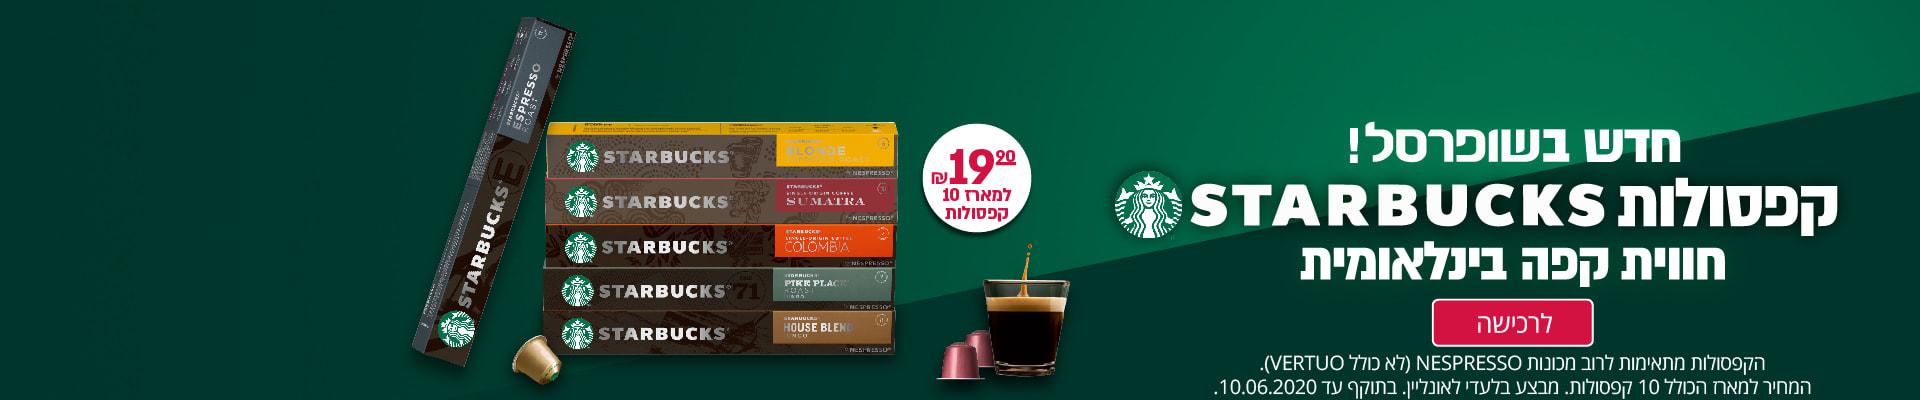 חדש בשופרסל! קפסולות STARBUCKS חווית קפה בינלאומית. הקפסולות מתאימות לרב מכונות NESPRESSO (לא כולל VERTURO). המחיר למארז הכולל 10 קפסולות. מבצע בלעדי לאונליין. בתוקף עד 10.6.2020.